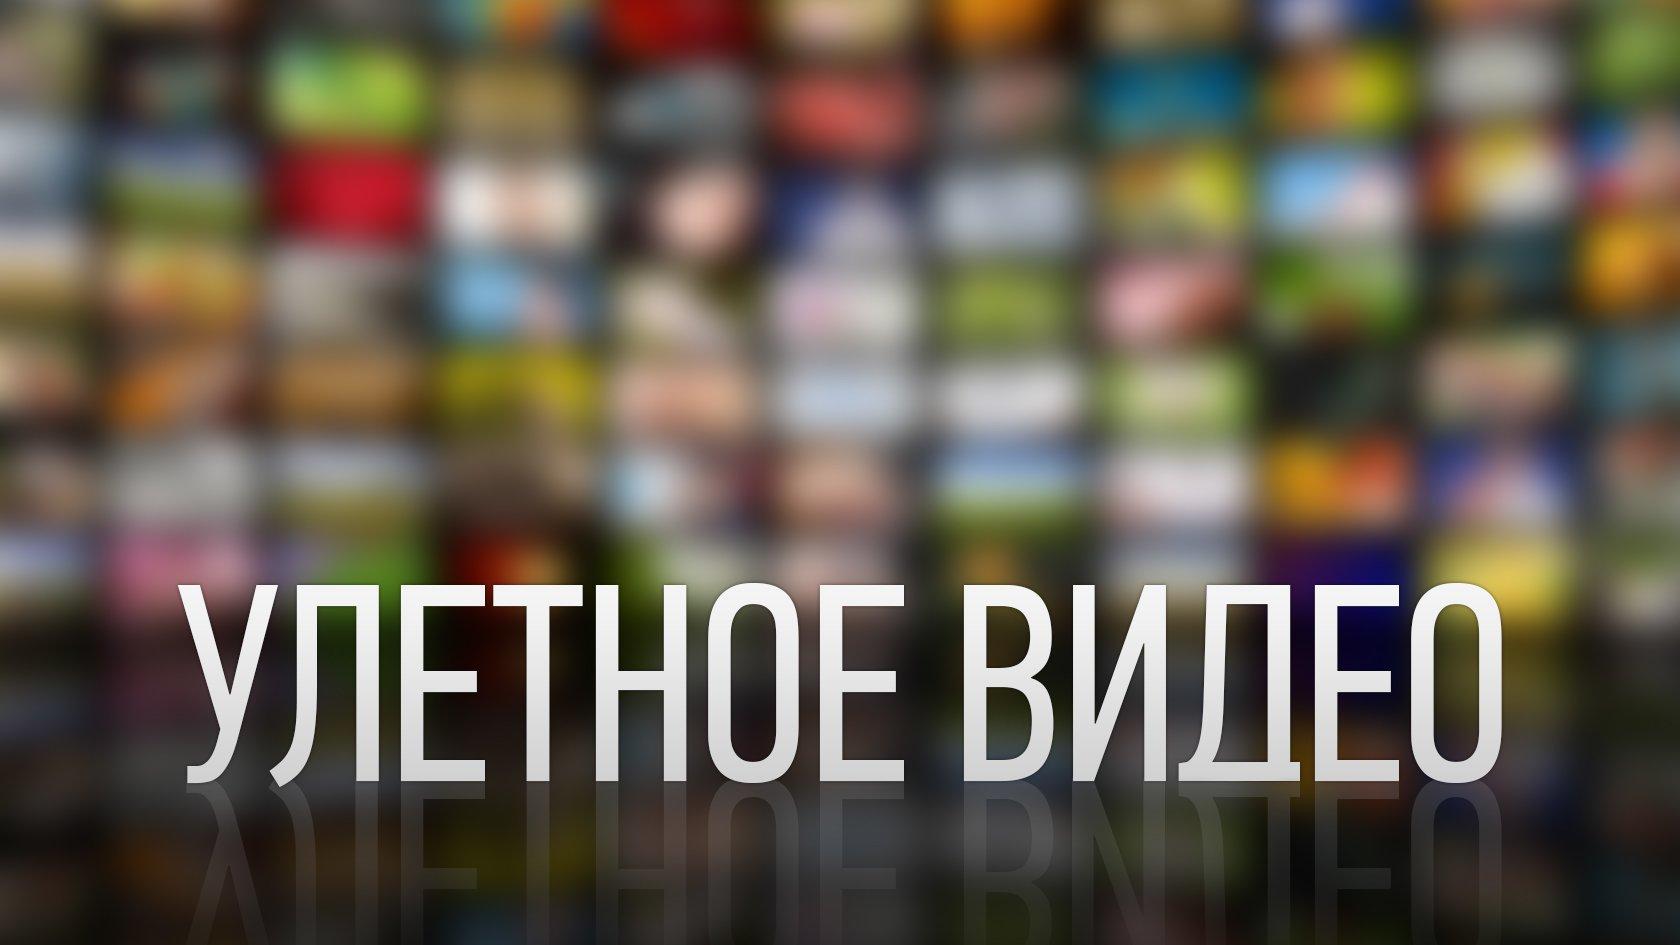 Улетное видео по-русски!